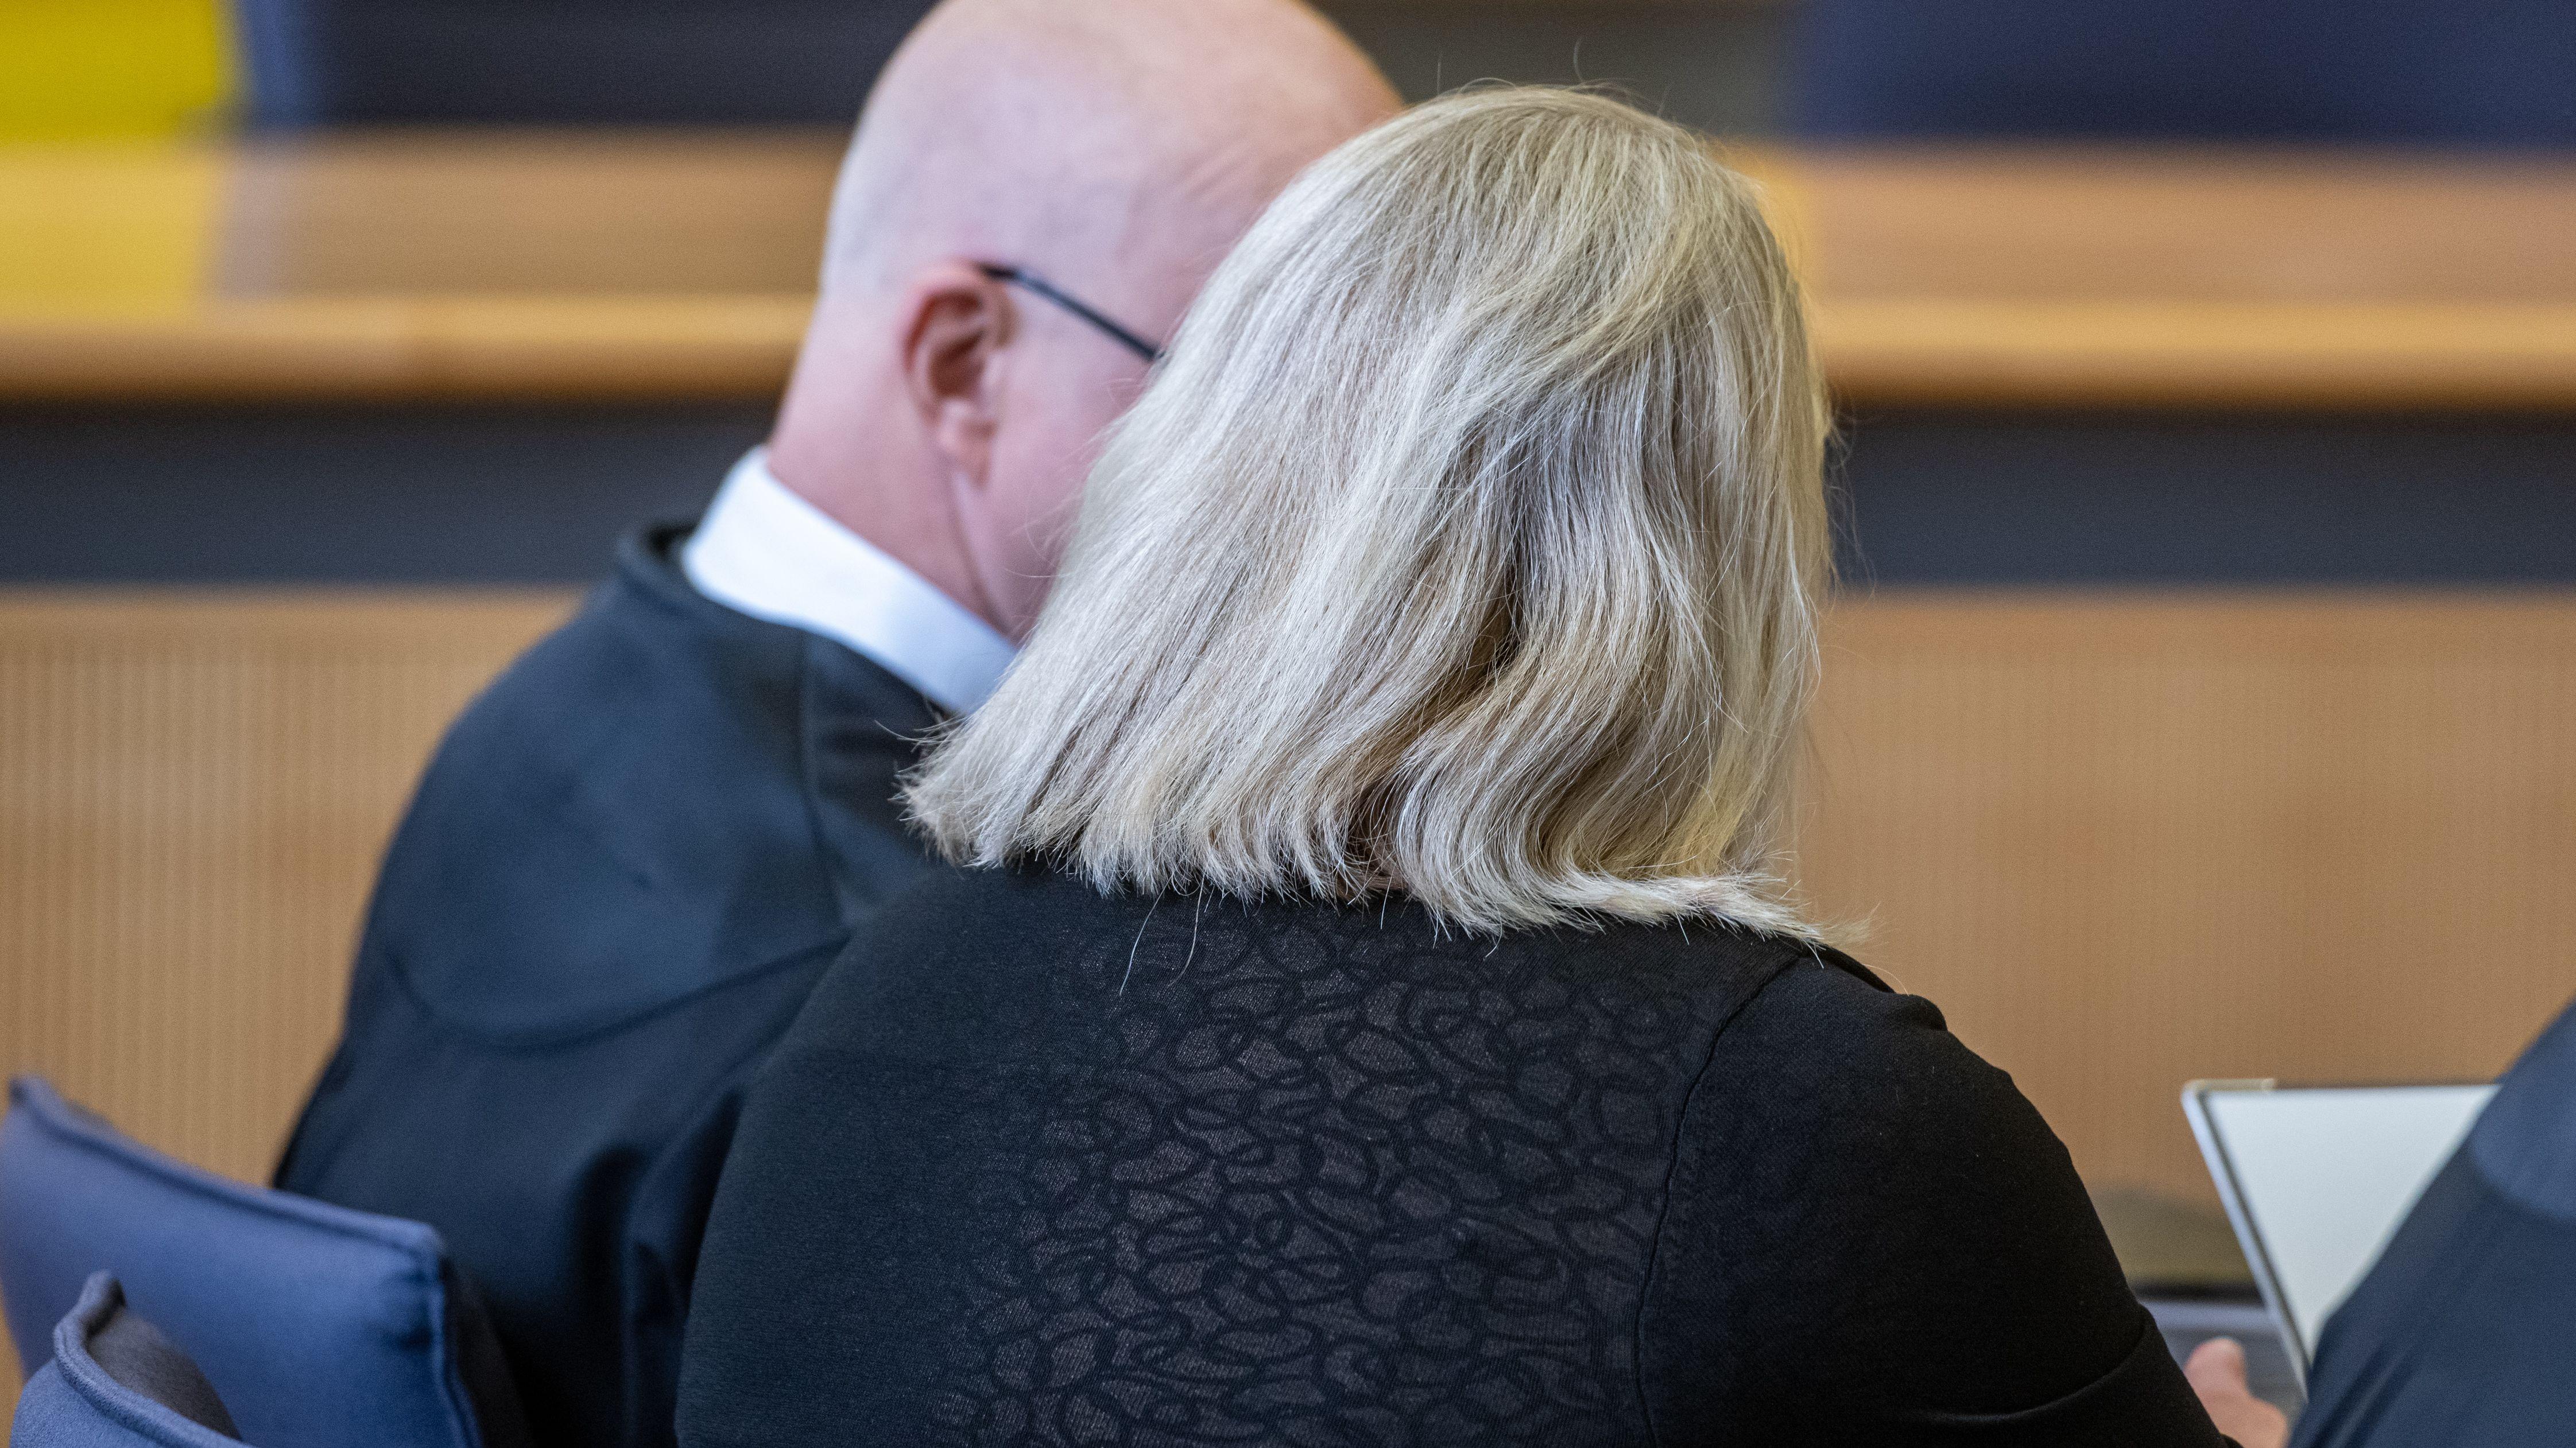 Die Angeklagte am ersten Prozesstag. Die Zahnärztin muss sich knapp eineinhalb Jahre nach dem Tod ihres Ehemannes vor Gericht verantworten.